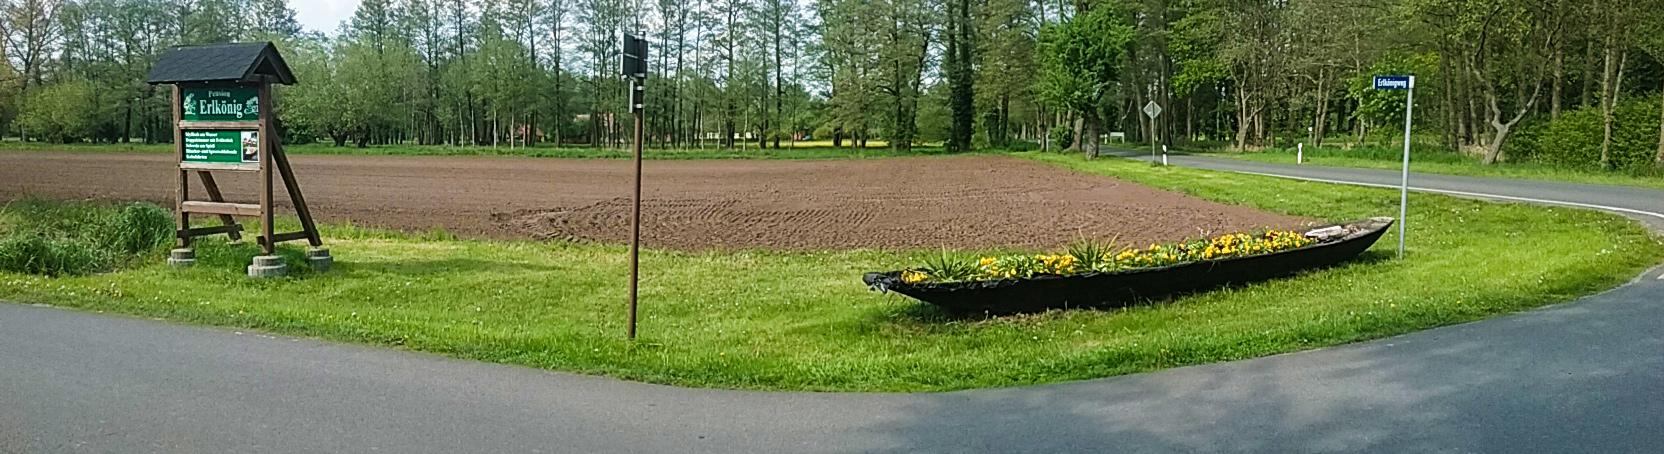 Einfahrt zur Pension Erlkönig in Burg Spreewald